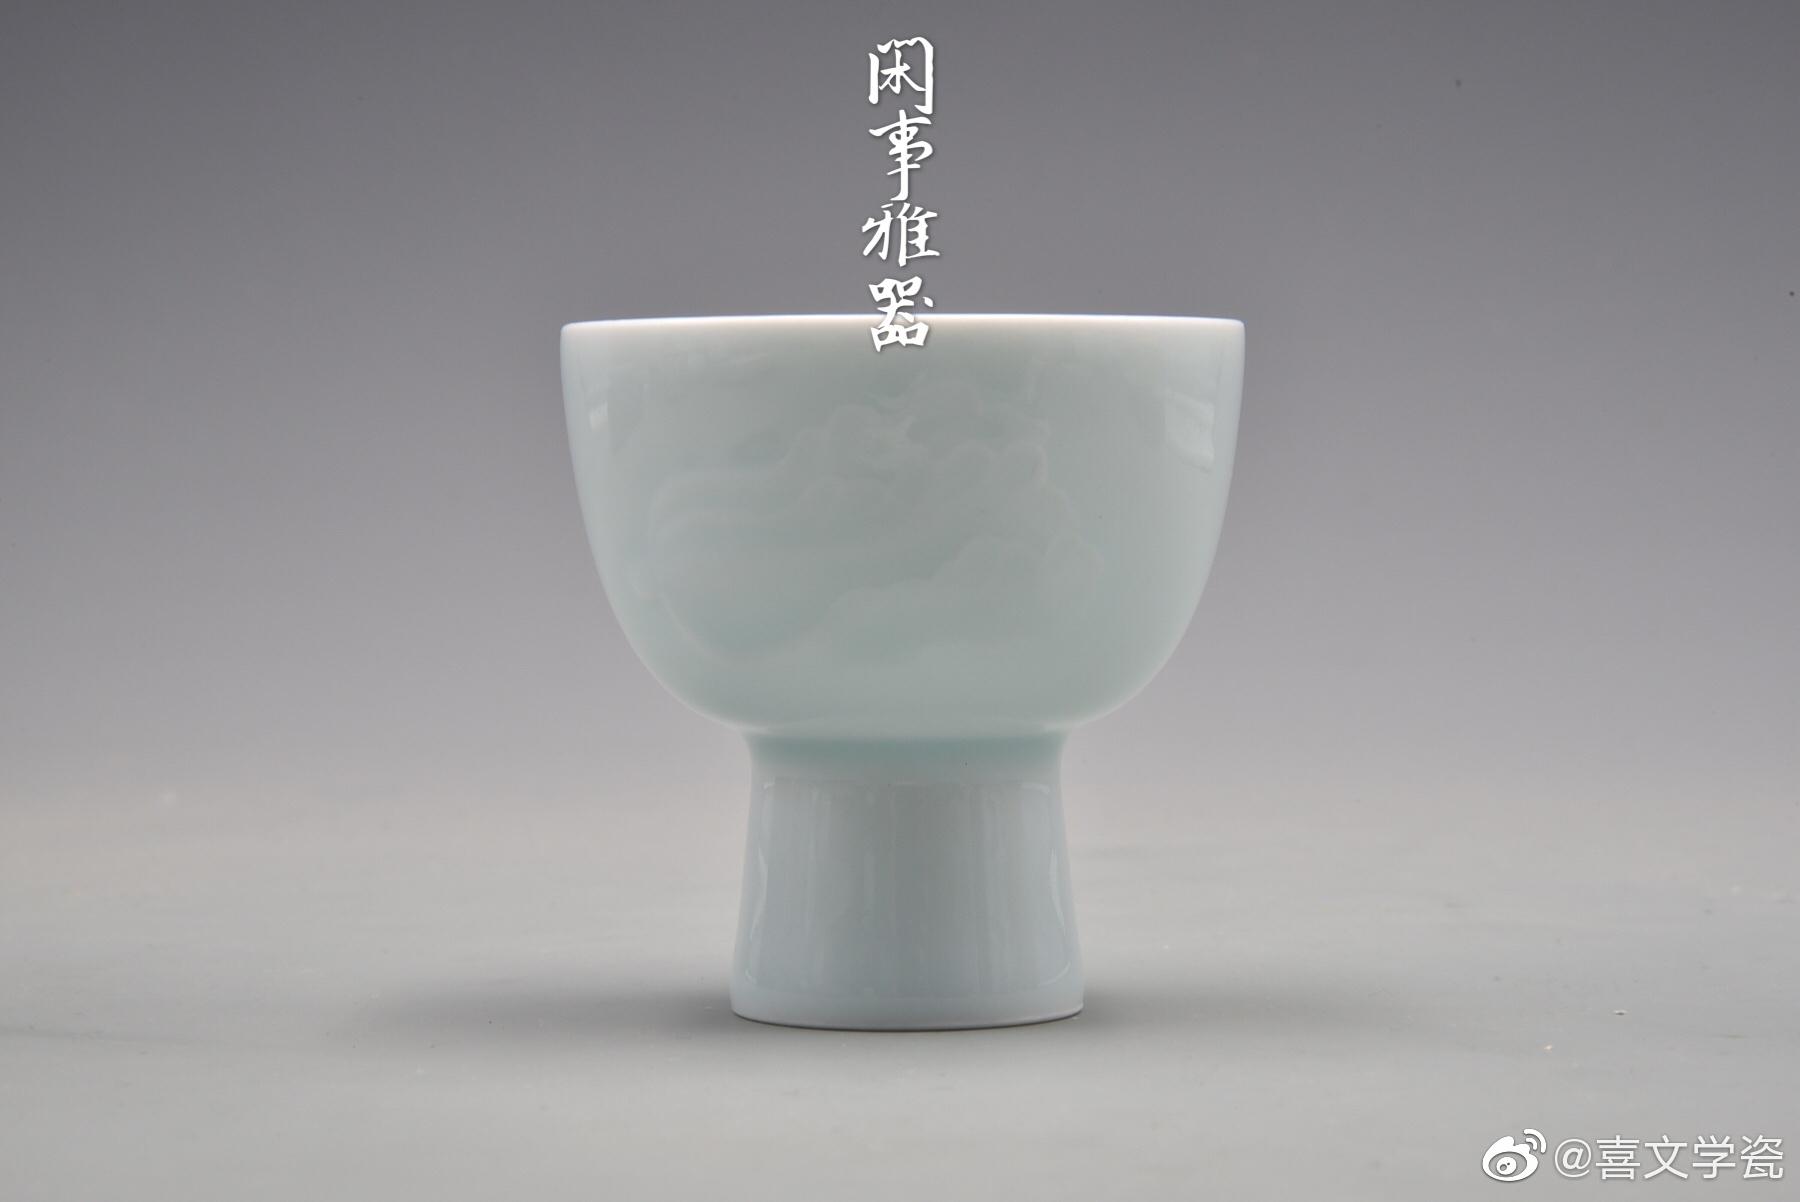 上线新款:粉青釉手工雕刻白菜、莲荷纹高足杯。釉色匀净滋润